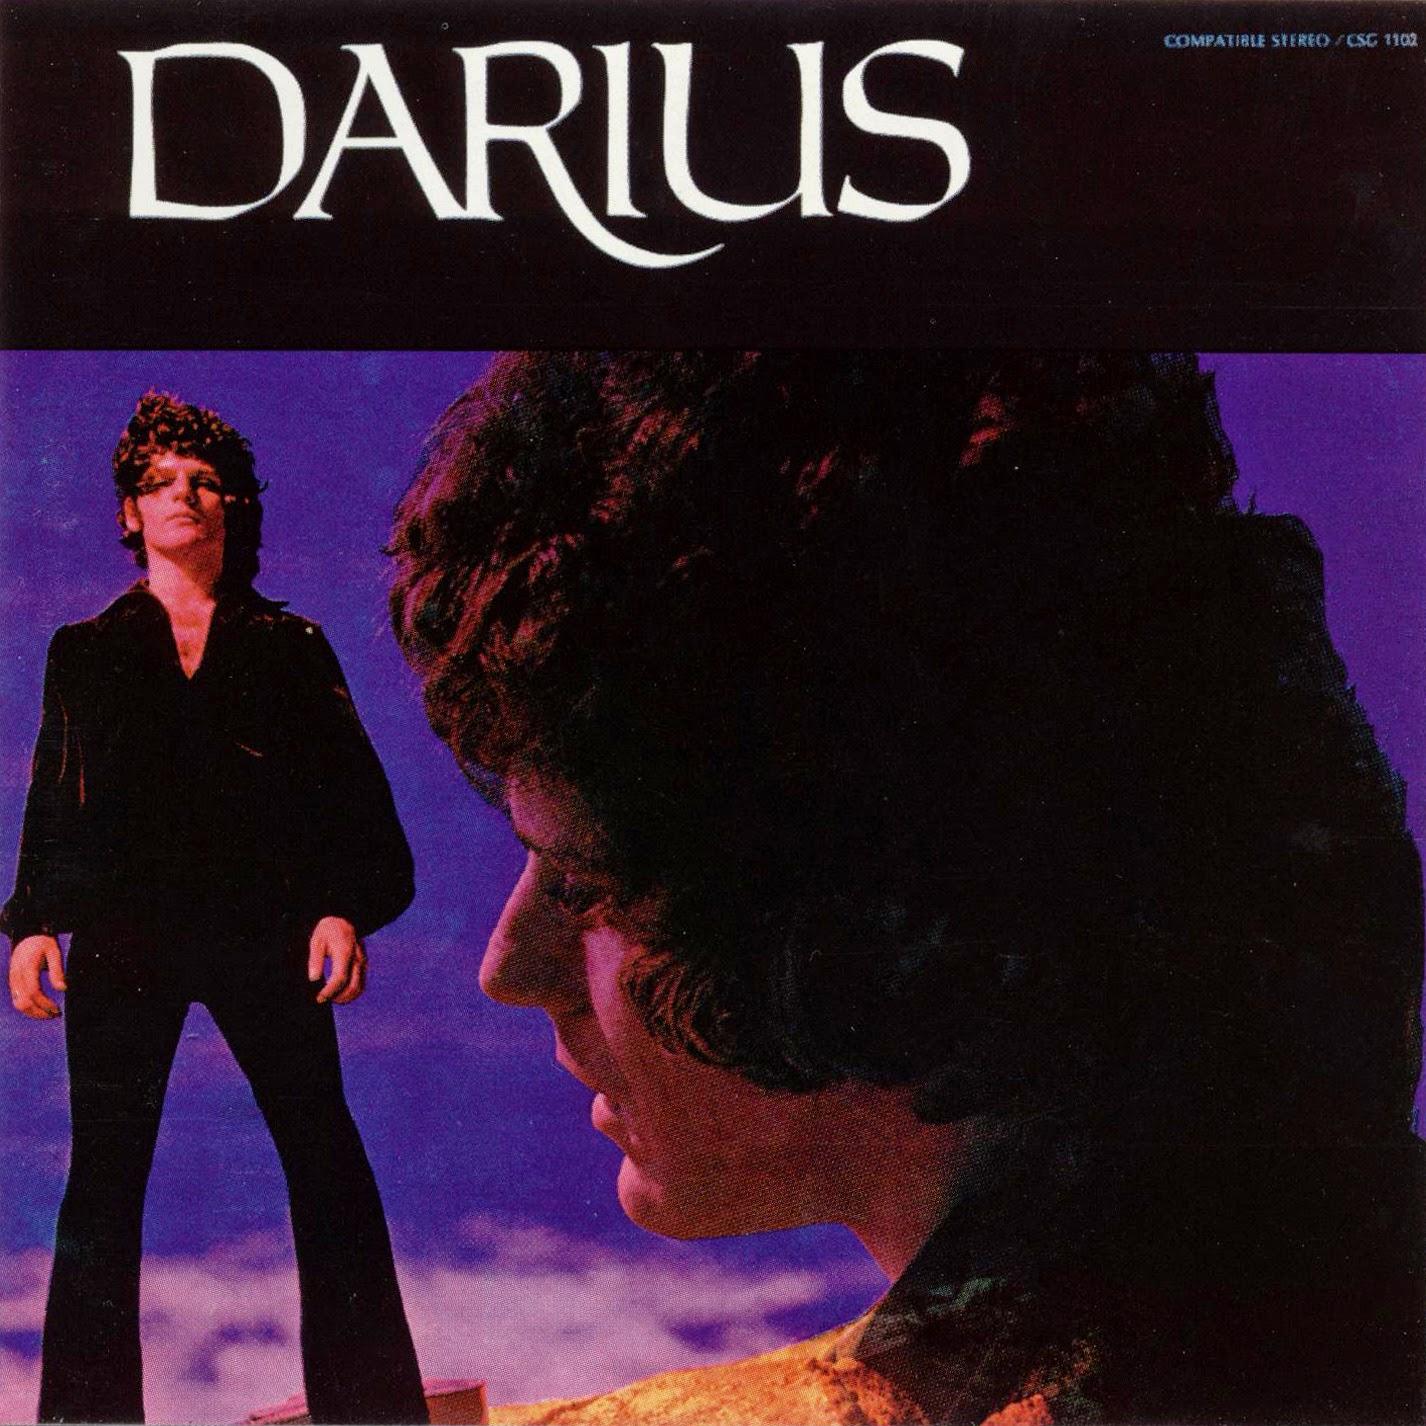 Darius LP (1968) front